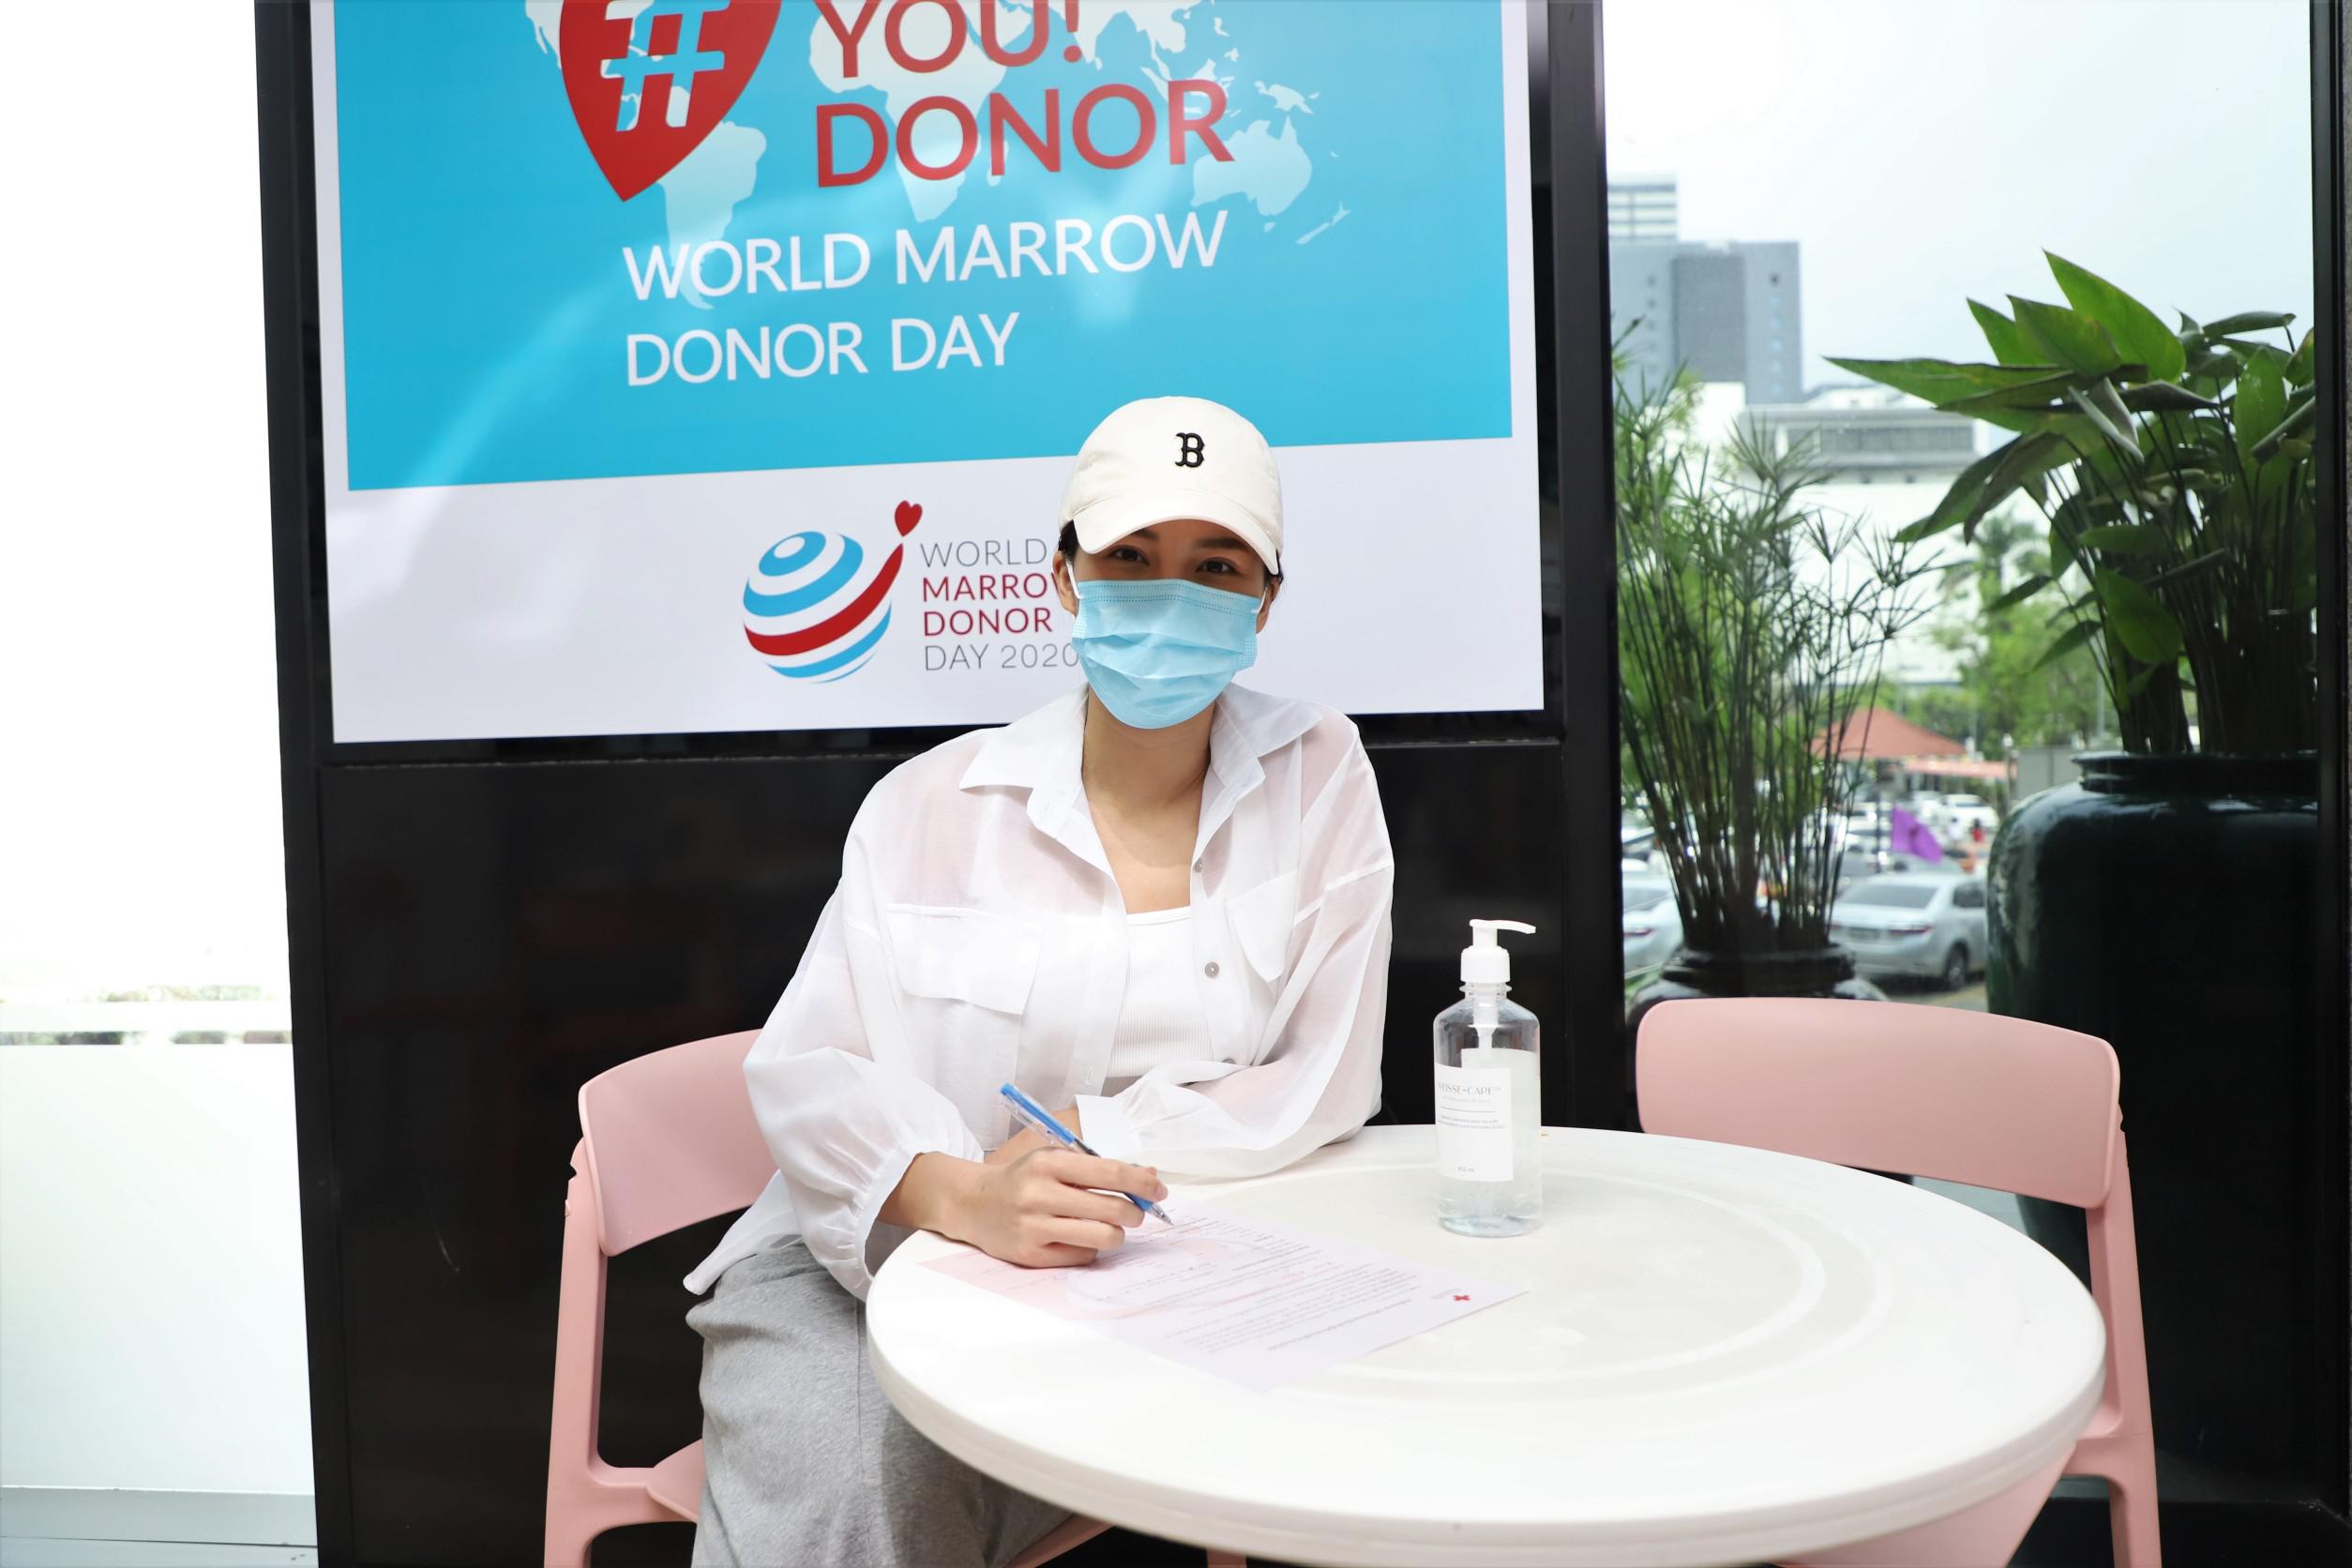 """""""จันจิ"""" ขอเข้าร่วมปฏิบัติการตามหาคู่แท้สเต็มเซลล์ เพื่อชีวิตใหม่ของผู้ป่วยโรคเลือด"""